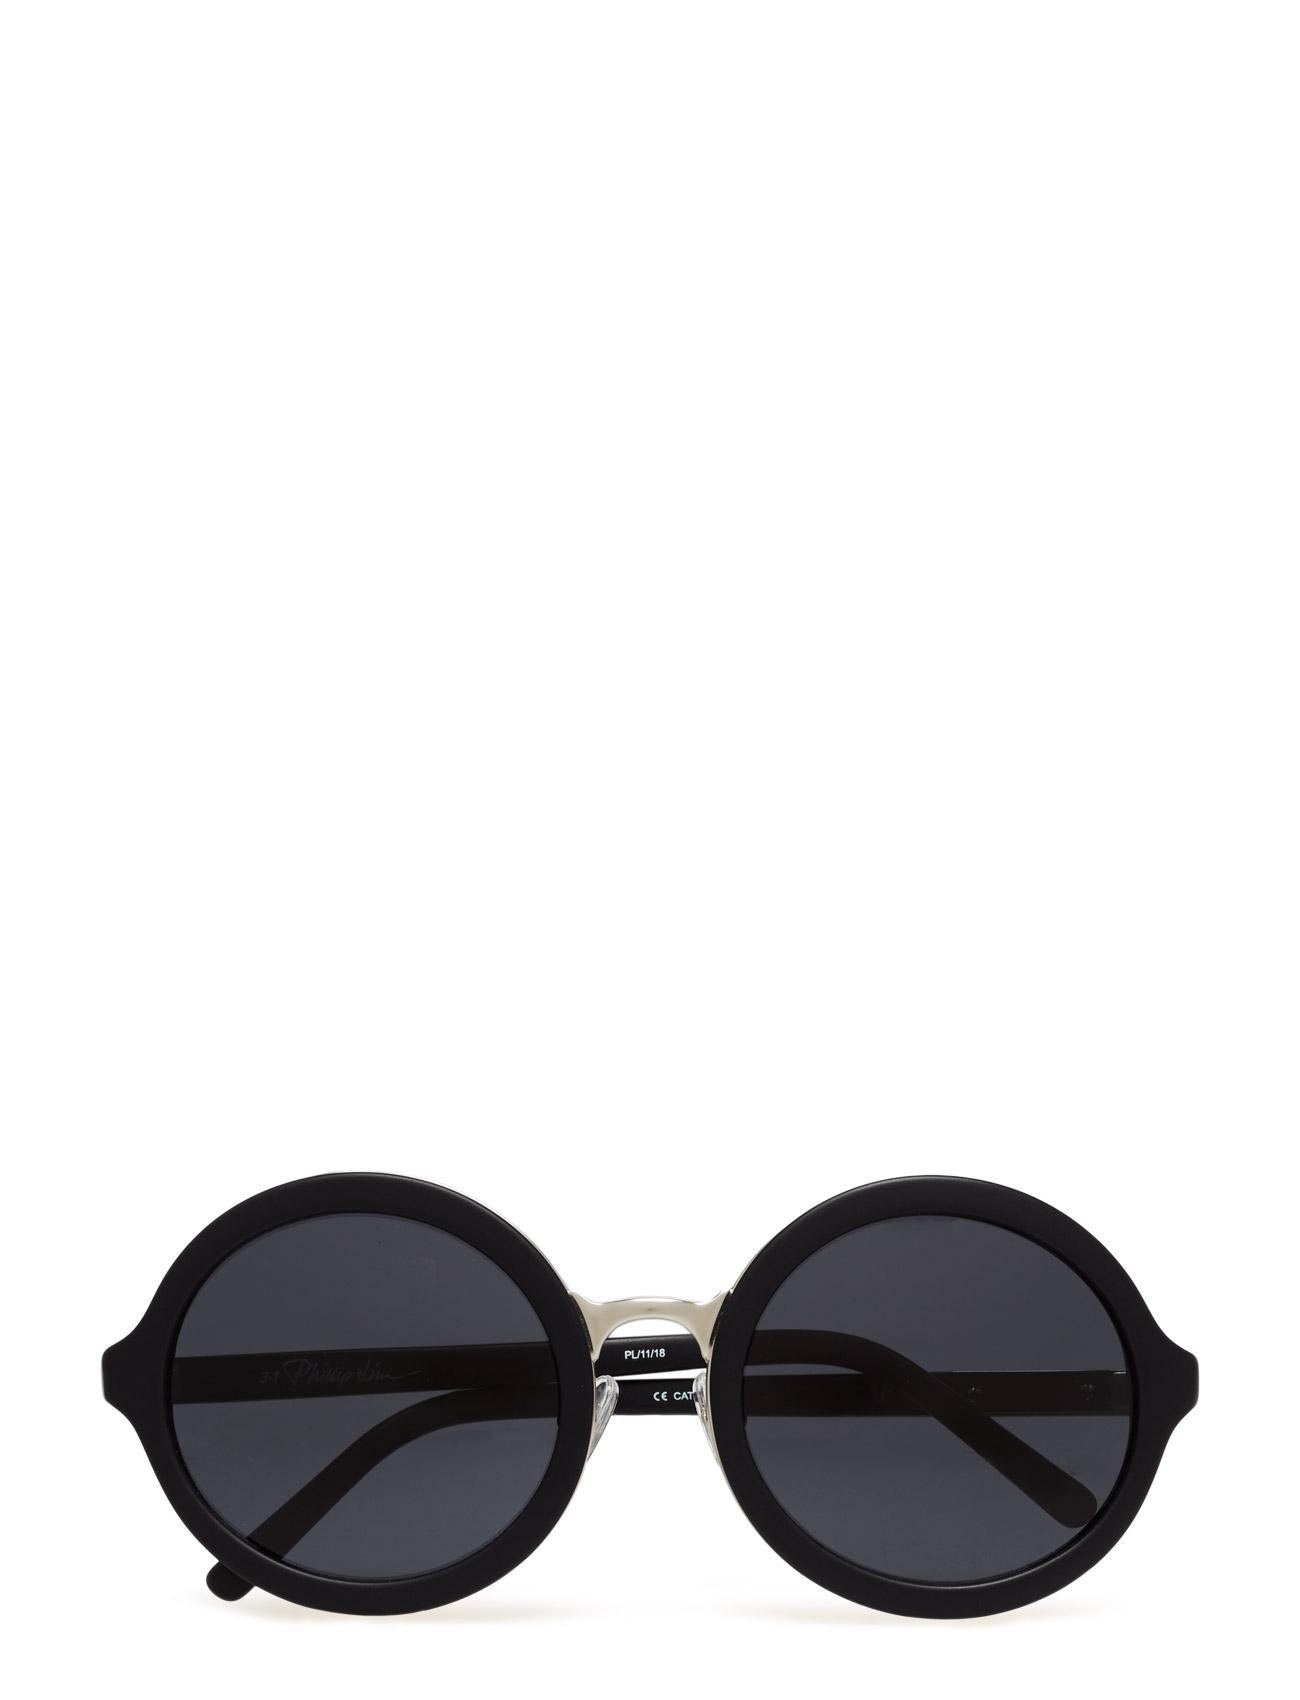 3.1 phillip lim sunglasses – Phillip lim 11 c18 fra boozt.com dk